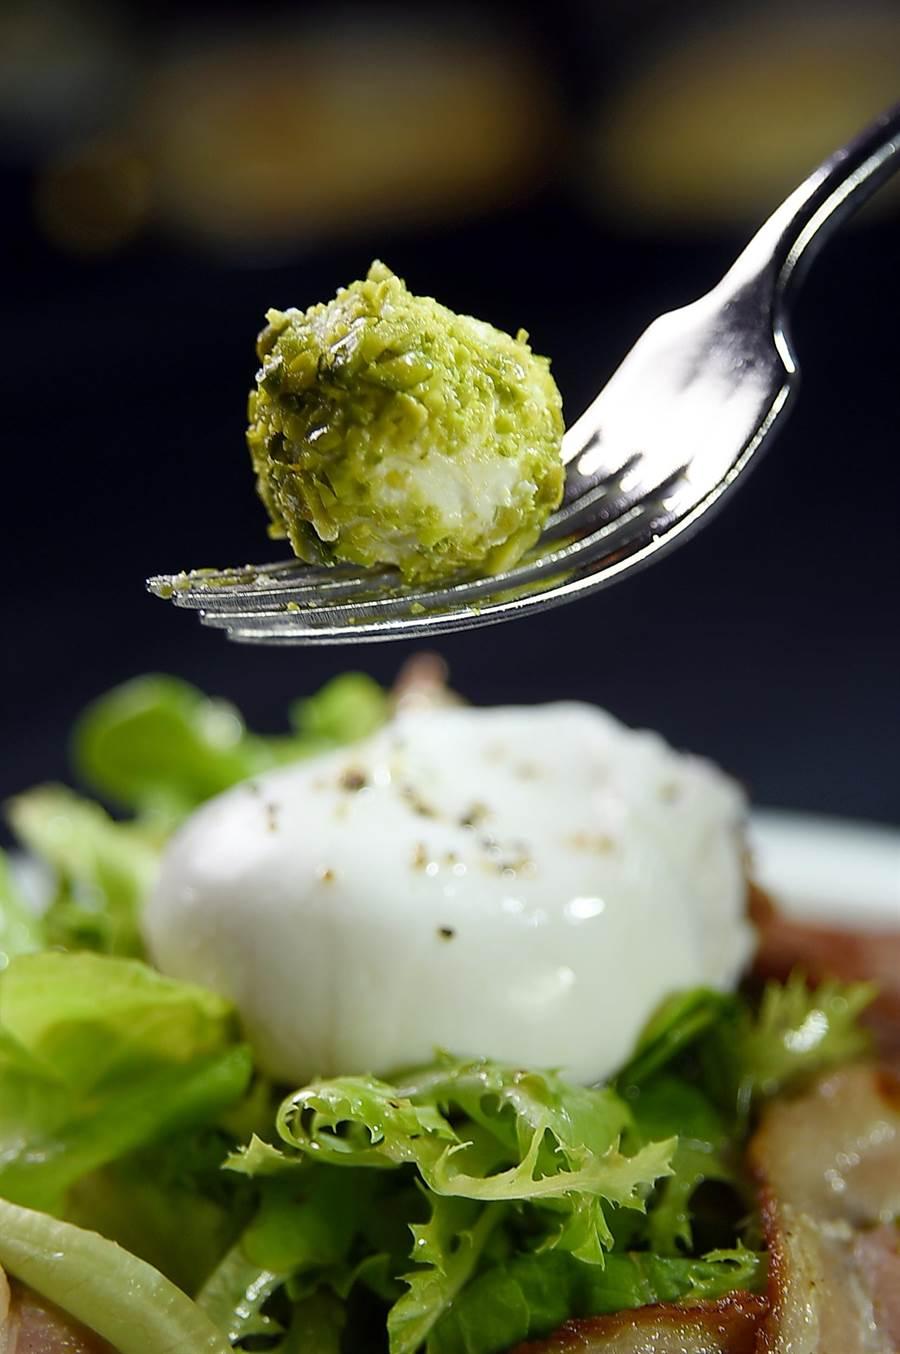 〈羊奶起司沙拉〉的醬汁是用橄欖油、檸檬汁和雪莉酒醋調製,沙拉內的羊奶起司外層並裹了一層綠色開心果碎,增加風味與口感。(圖/姚舜)